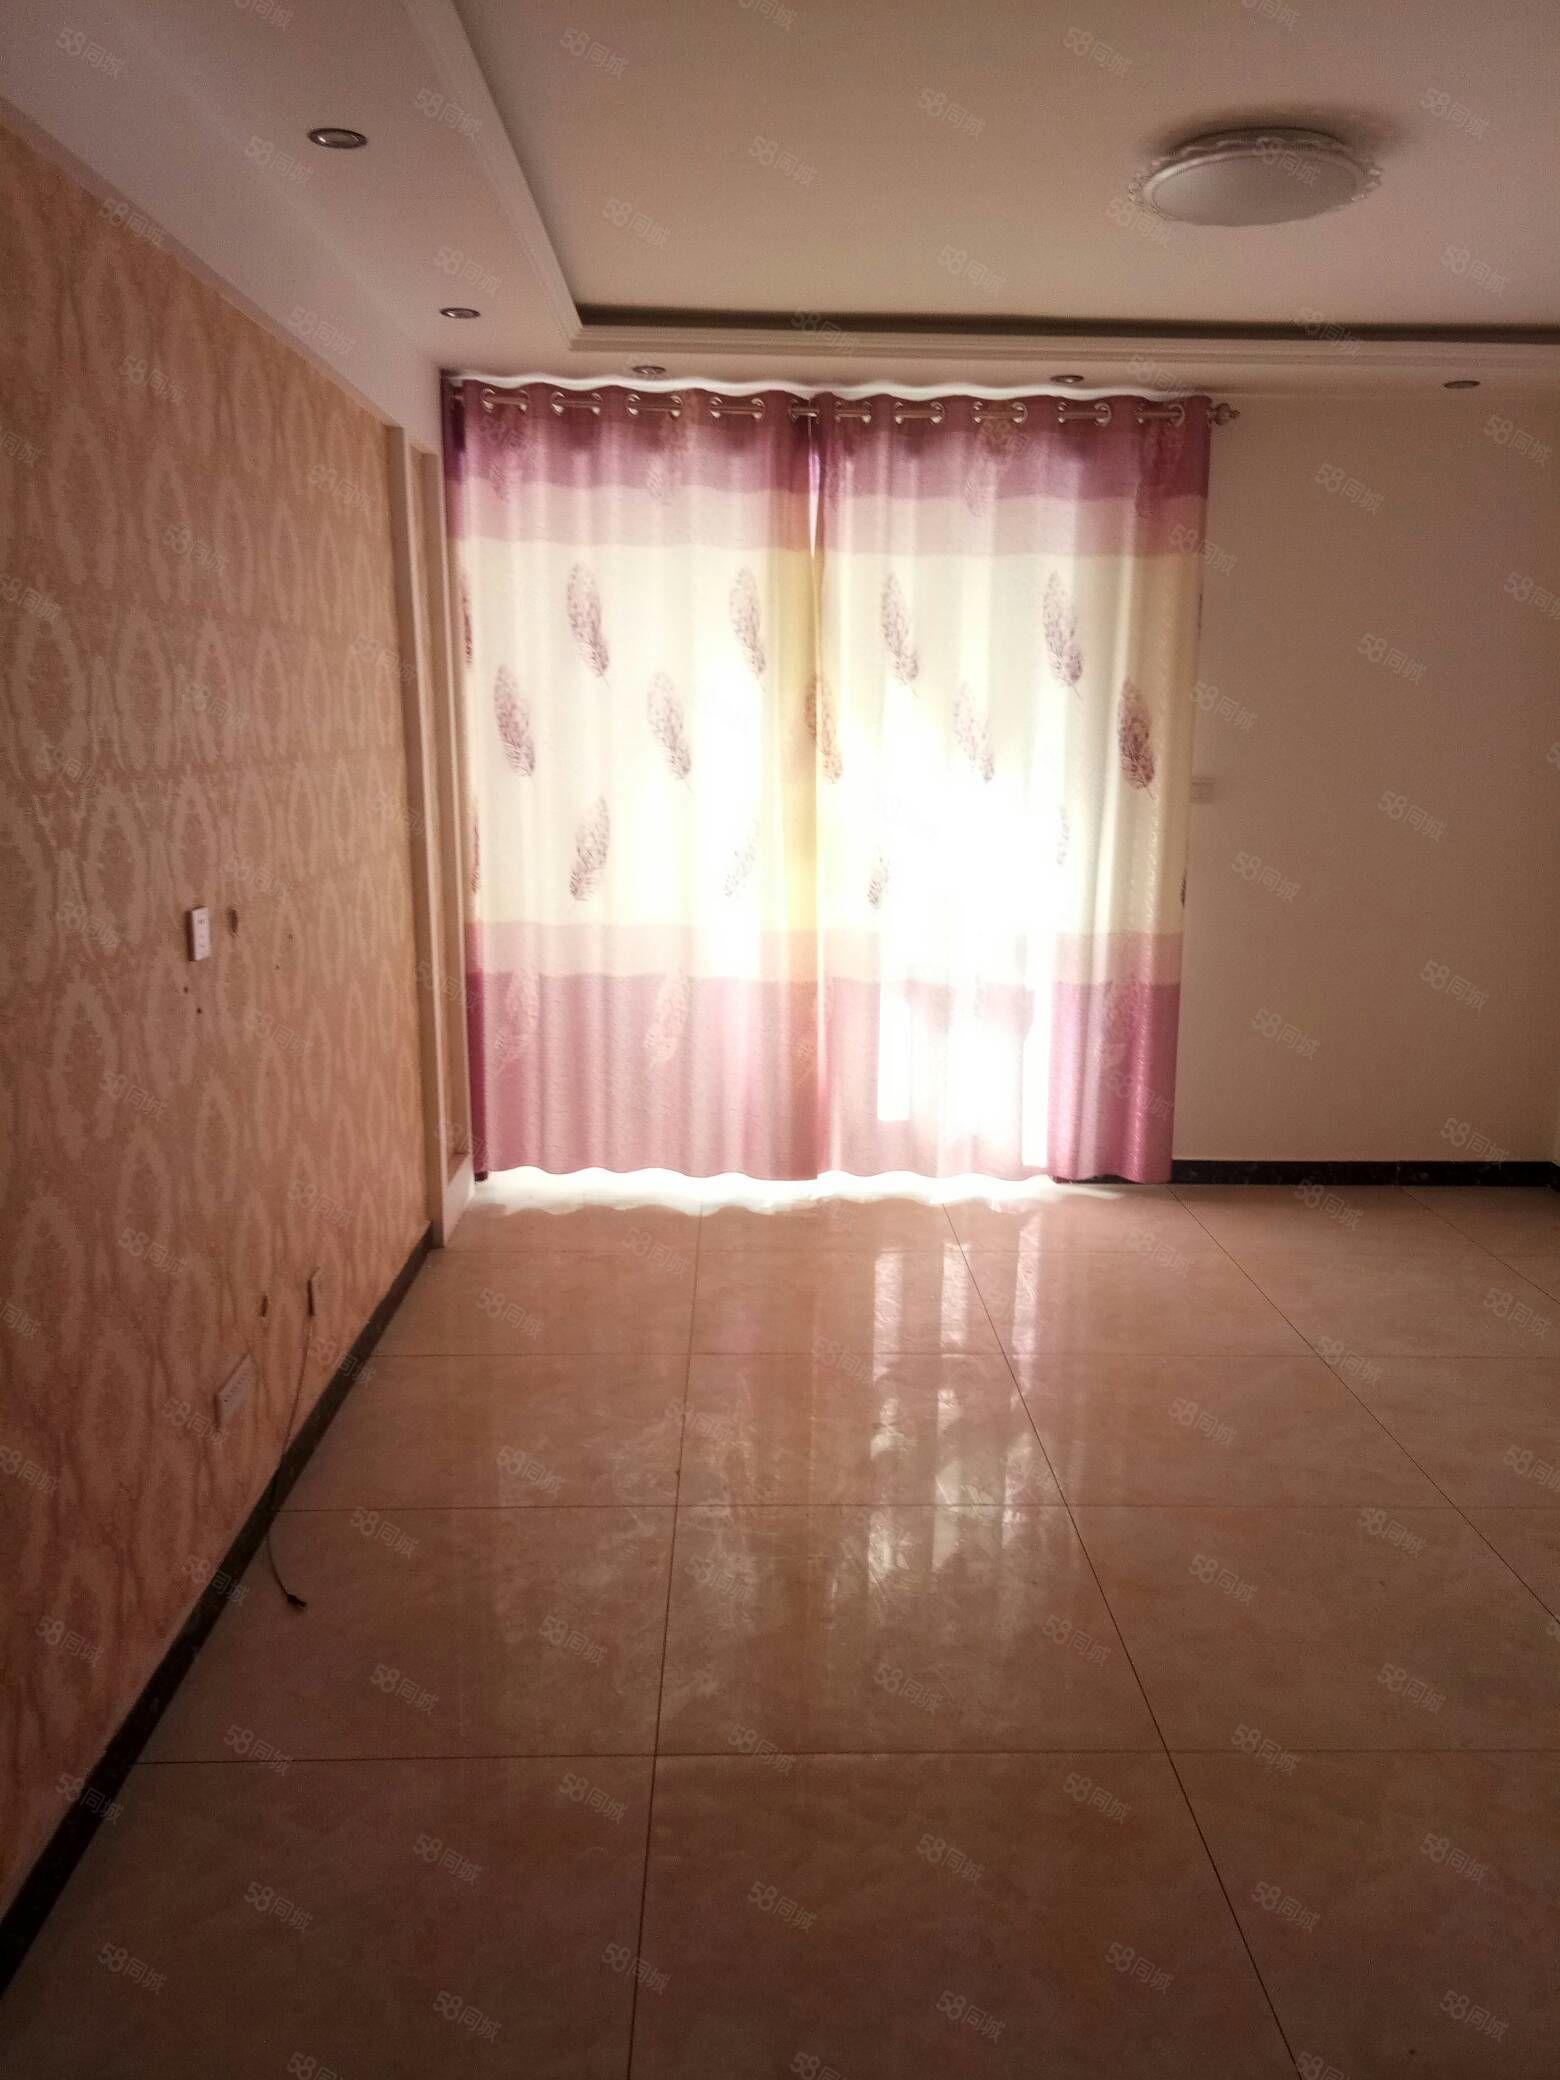 出售一室一厅非公寓,地段好,设施齐全